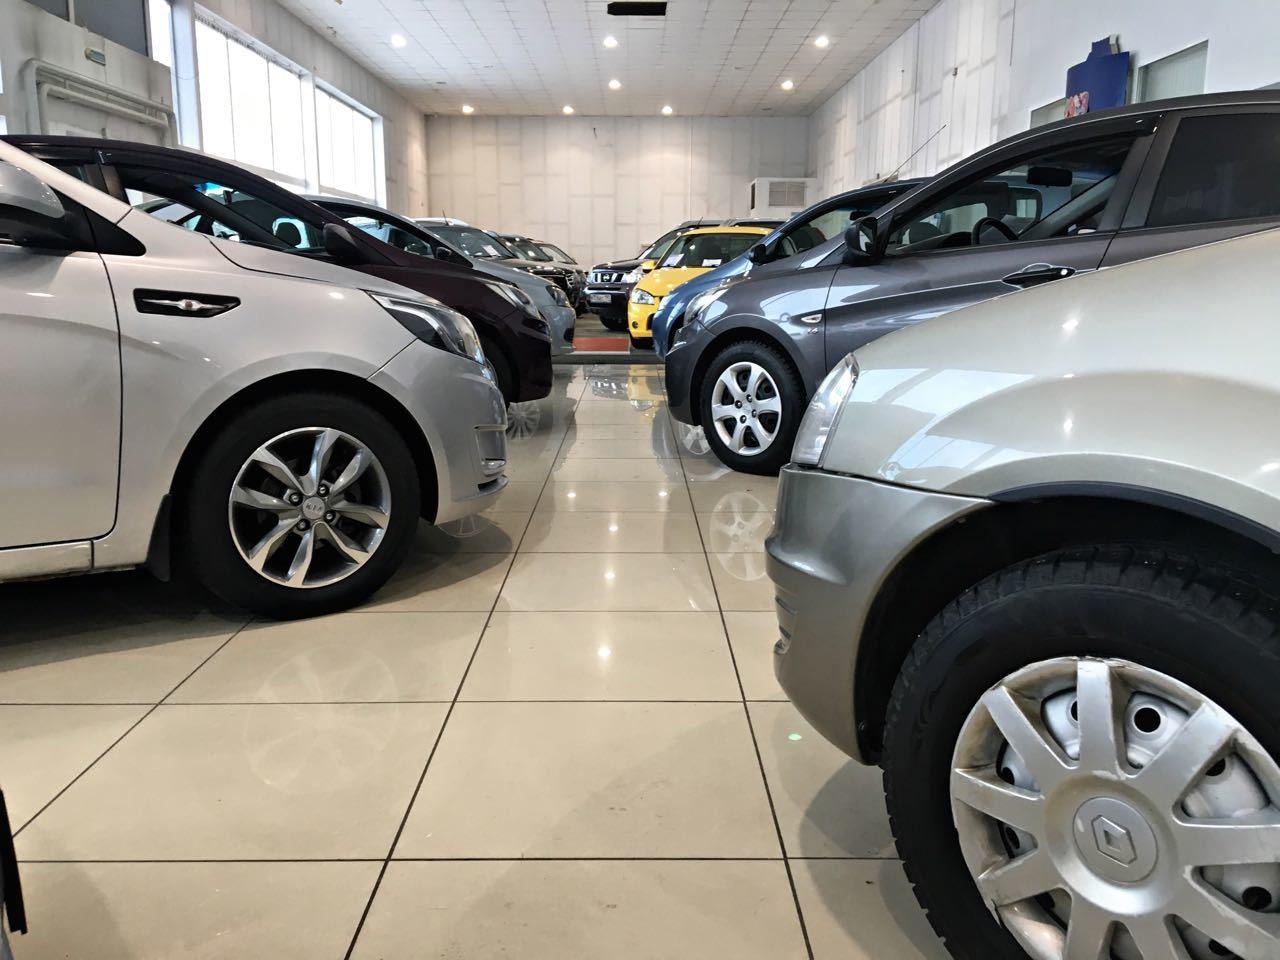 Частные объявления о продаже автомобилей в омске подать объявление о продаже запчастей бесплатно